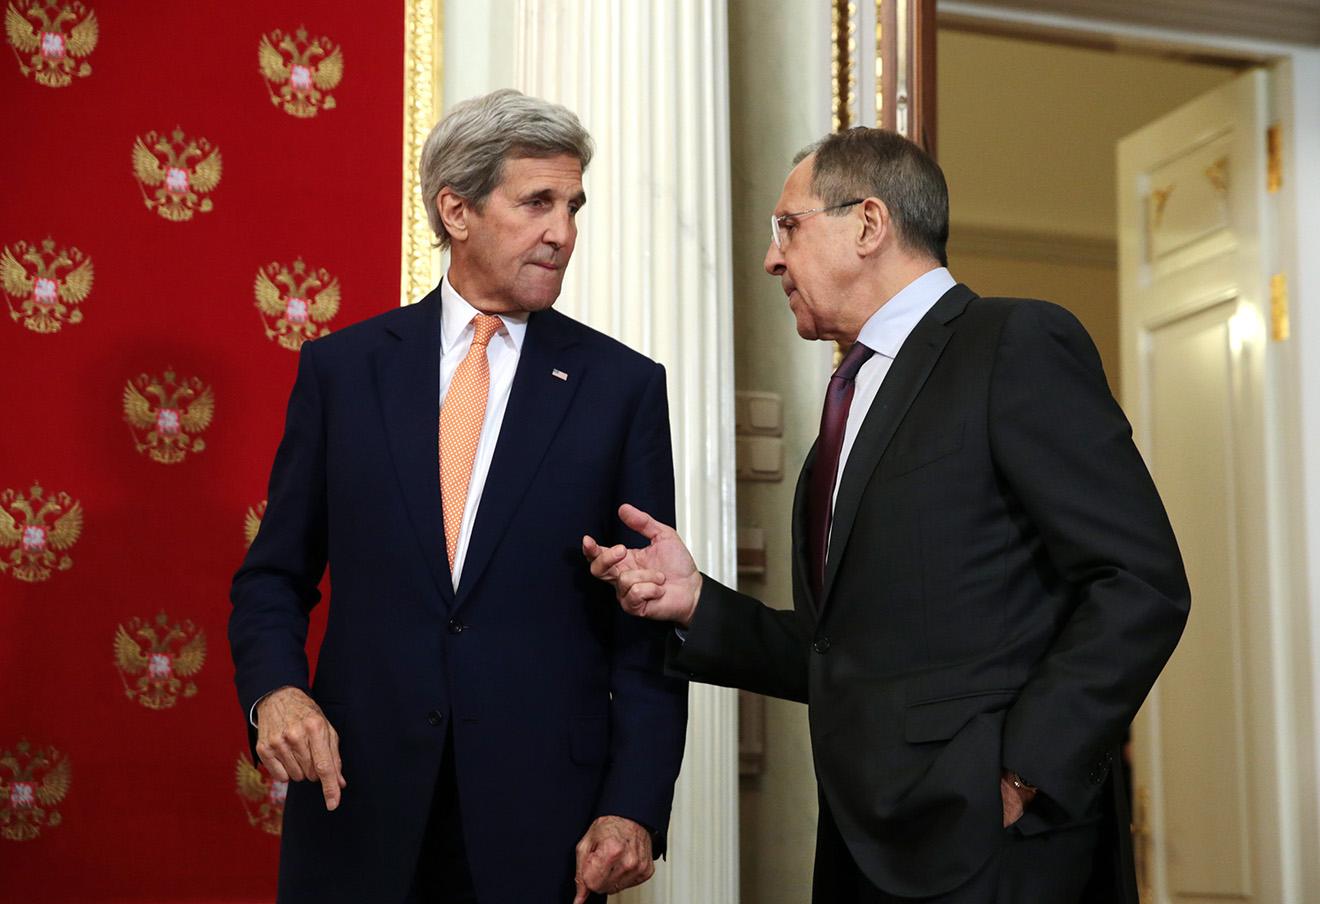 Джон Керри и Сергей Лавров (слева направо) перед началом совместной пресс-конференции по итогам встречи в Москве в марте 2016 года.